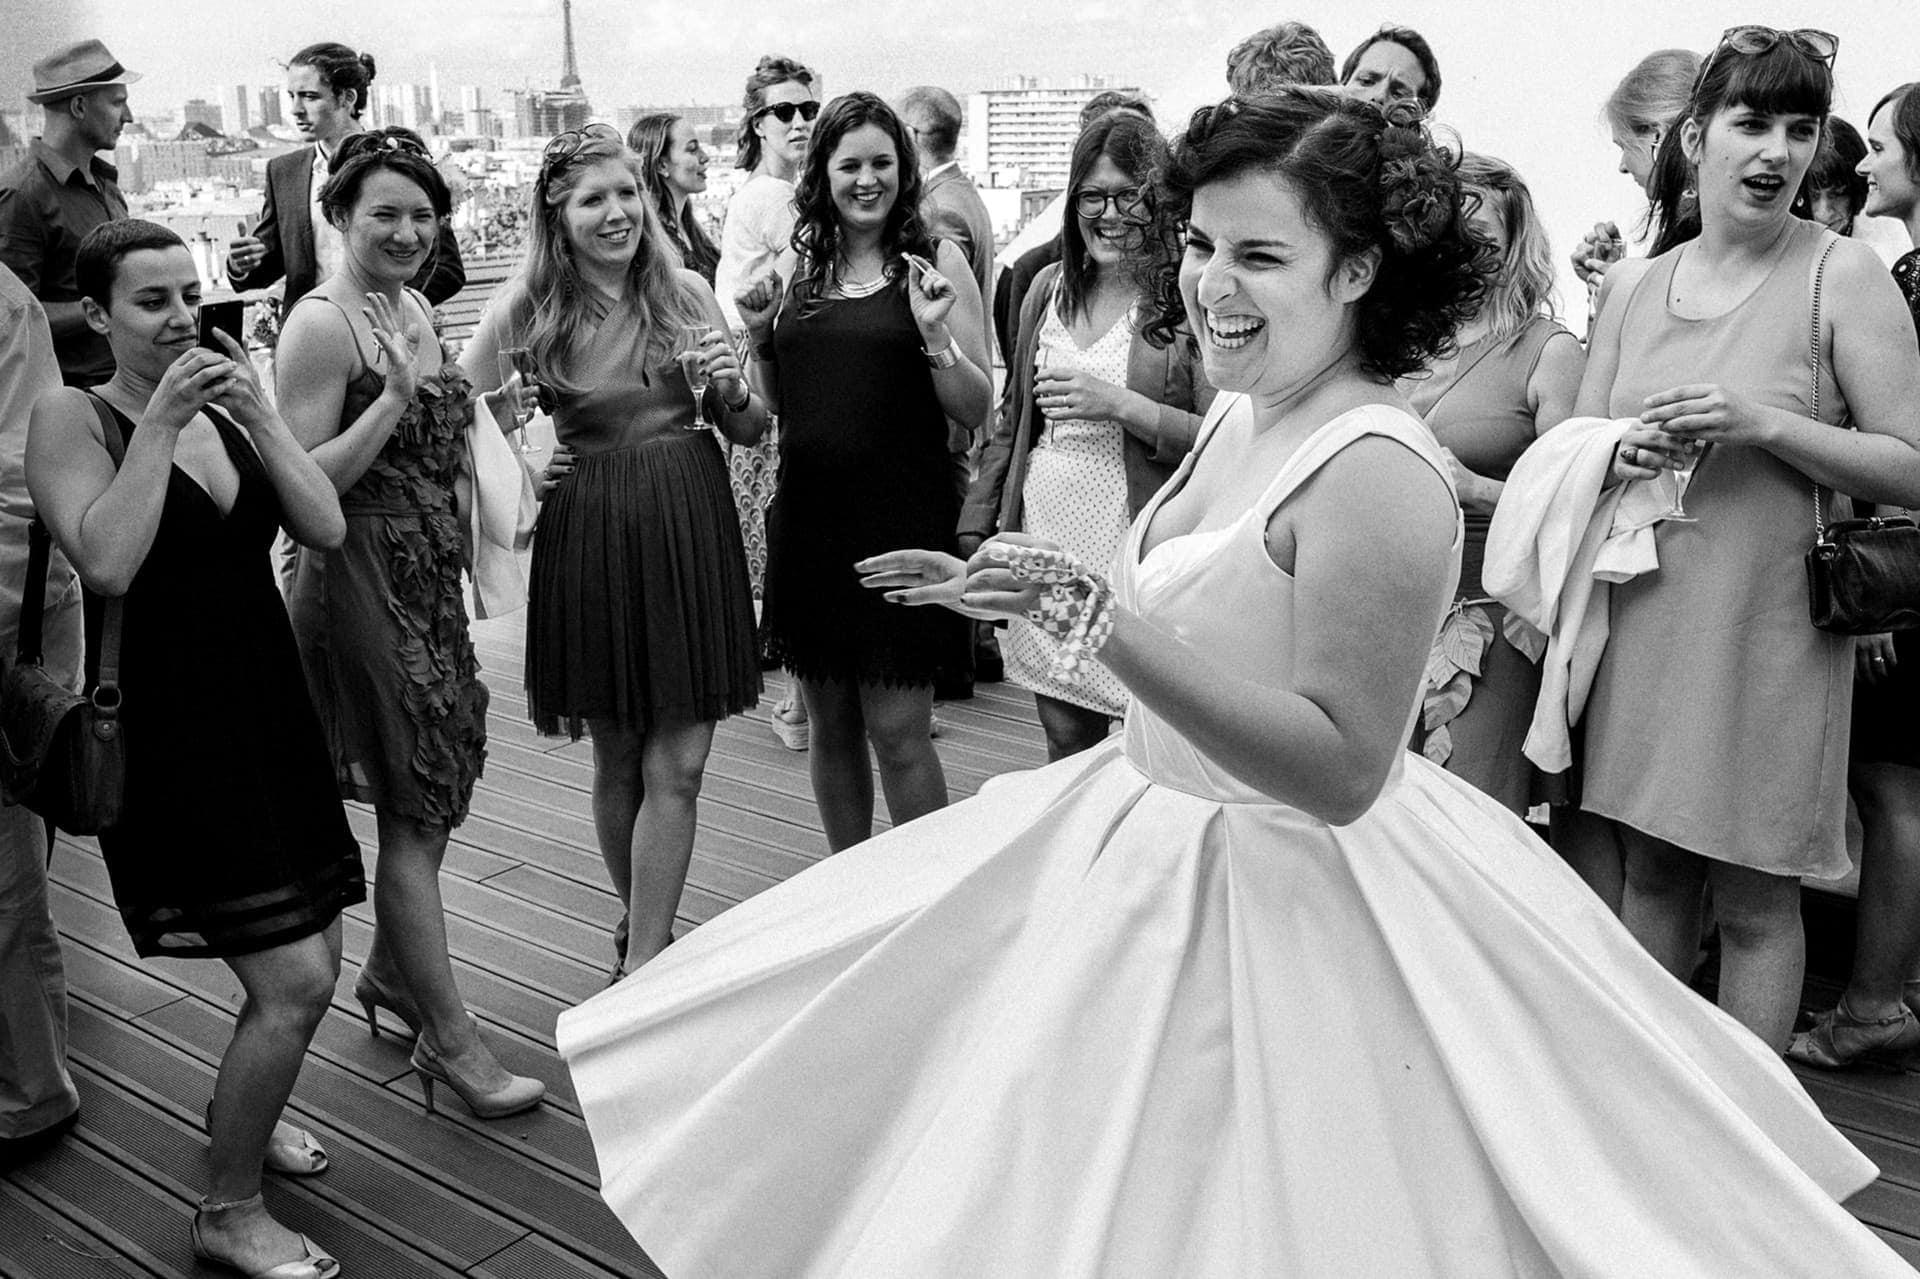 danse de la mariée pendant le cocktail par Photo des mains des mariés pendant la cérémonie laïque . Ernestine et sa famille photographe de mariage à l'approche reportage